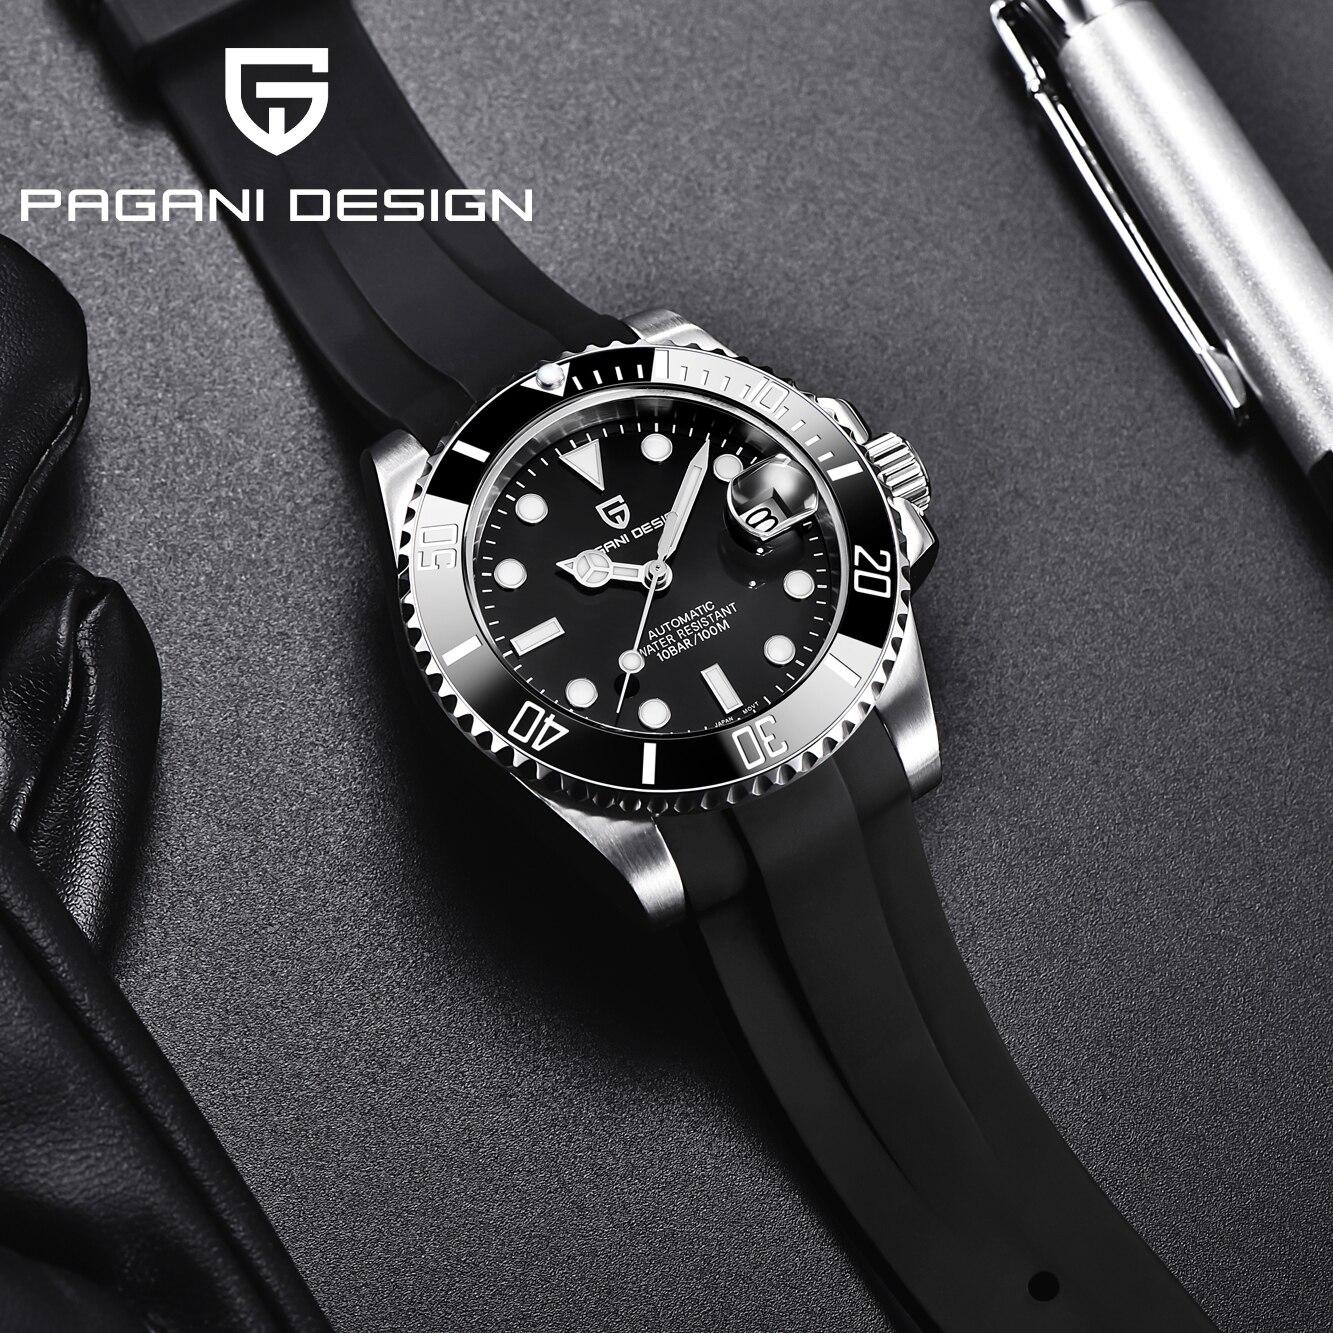 Safira à Prova Pagani Design Novo Relógio Masculino Japão Nh35 Automático Mecânico Dwaterproof Água Explorador Data Relógios